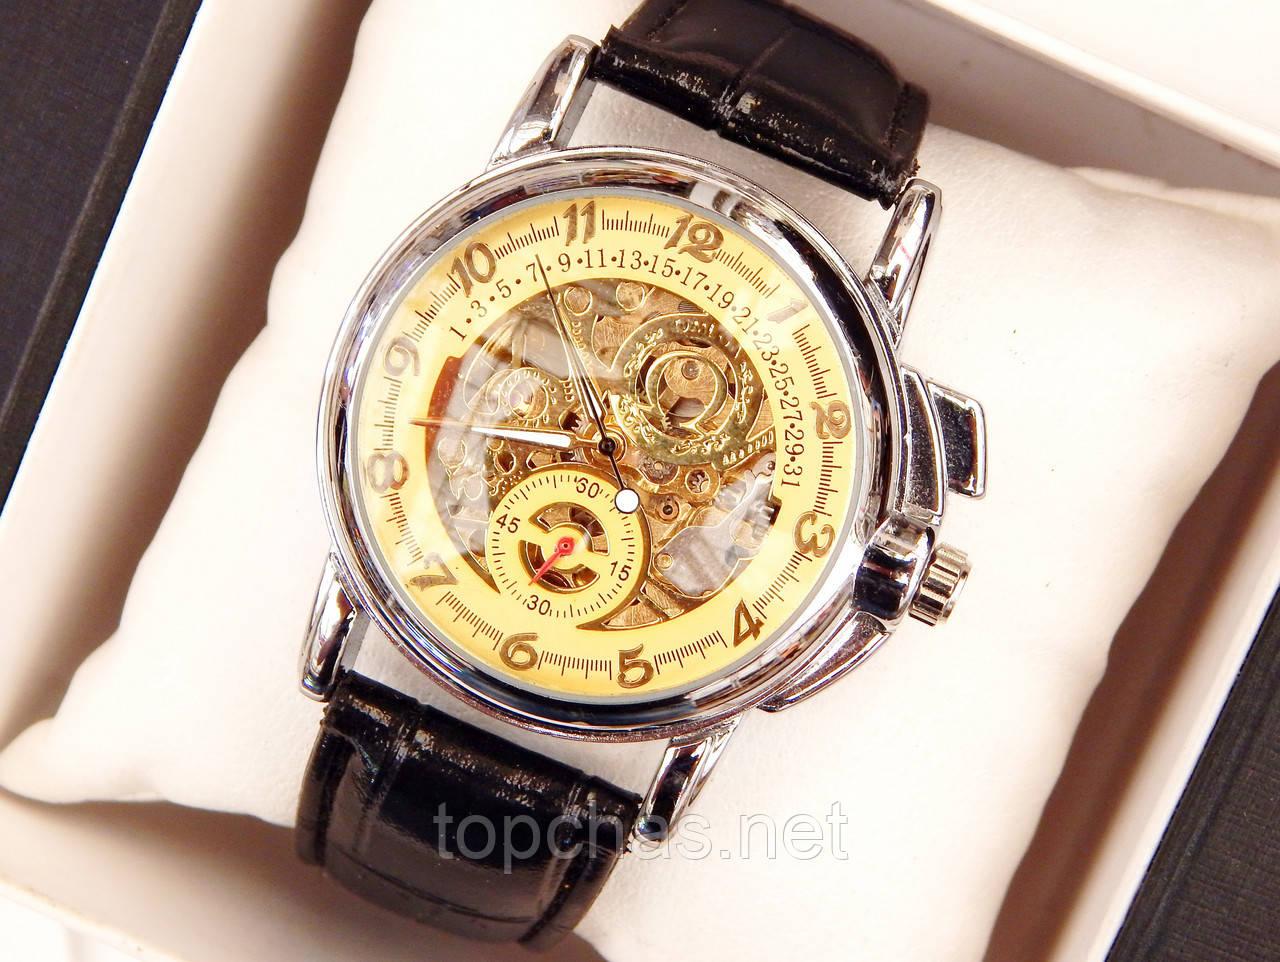 Мужские механические наручные часы скелетоны Omega - Top Chas - Интернет  магазин Вашего стиля в Харькове 78445e960b6